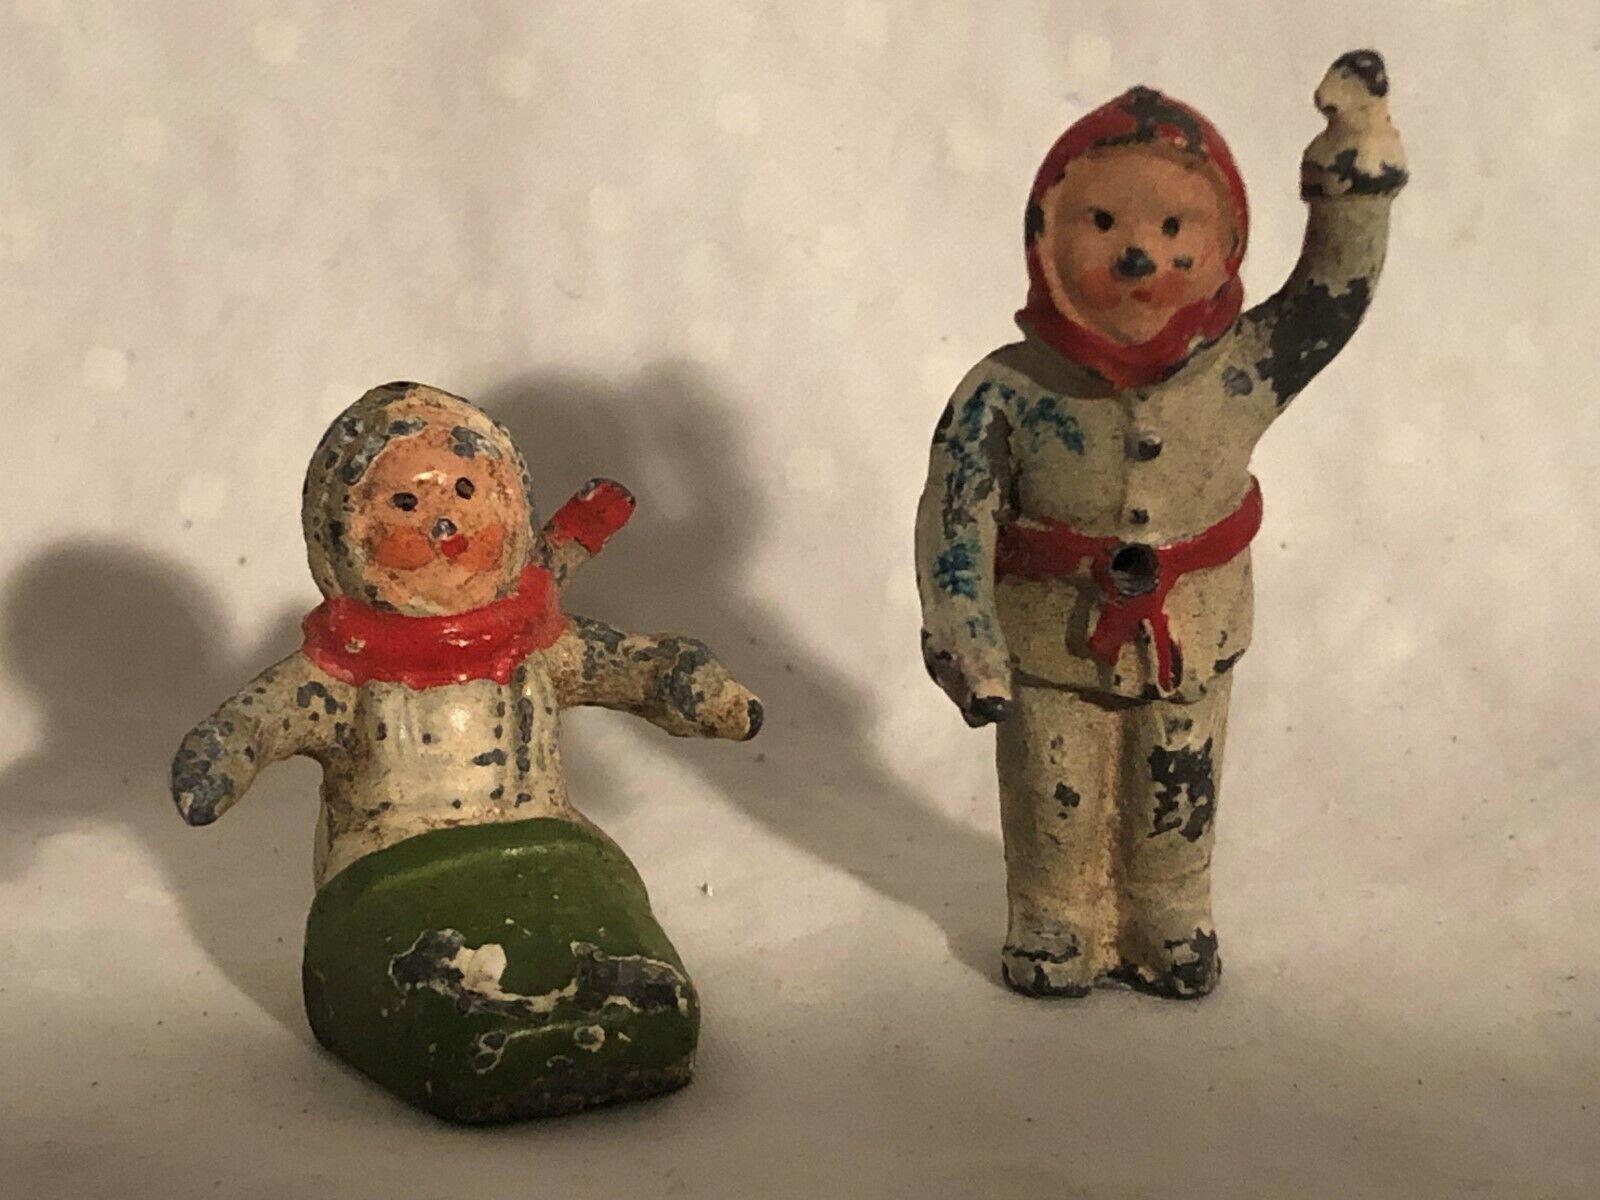 hasta un 60% de descuento Gran Bretaña nieve bebés escasas Escasas Raras Figuras Figuras Figuras De Plomo  precio razonable